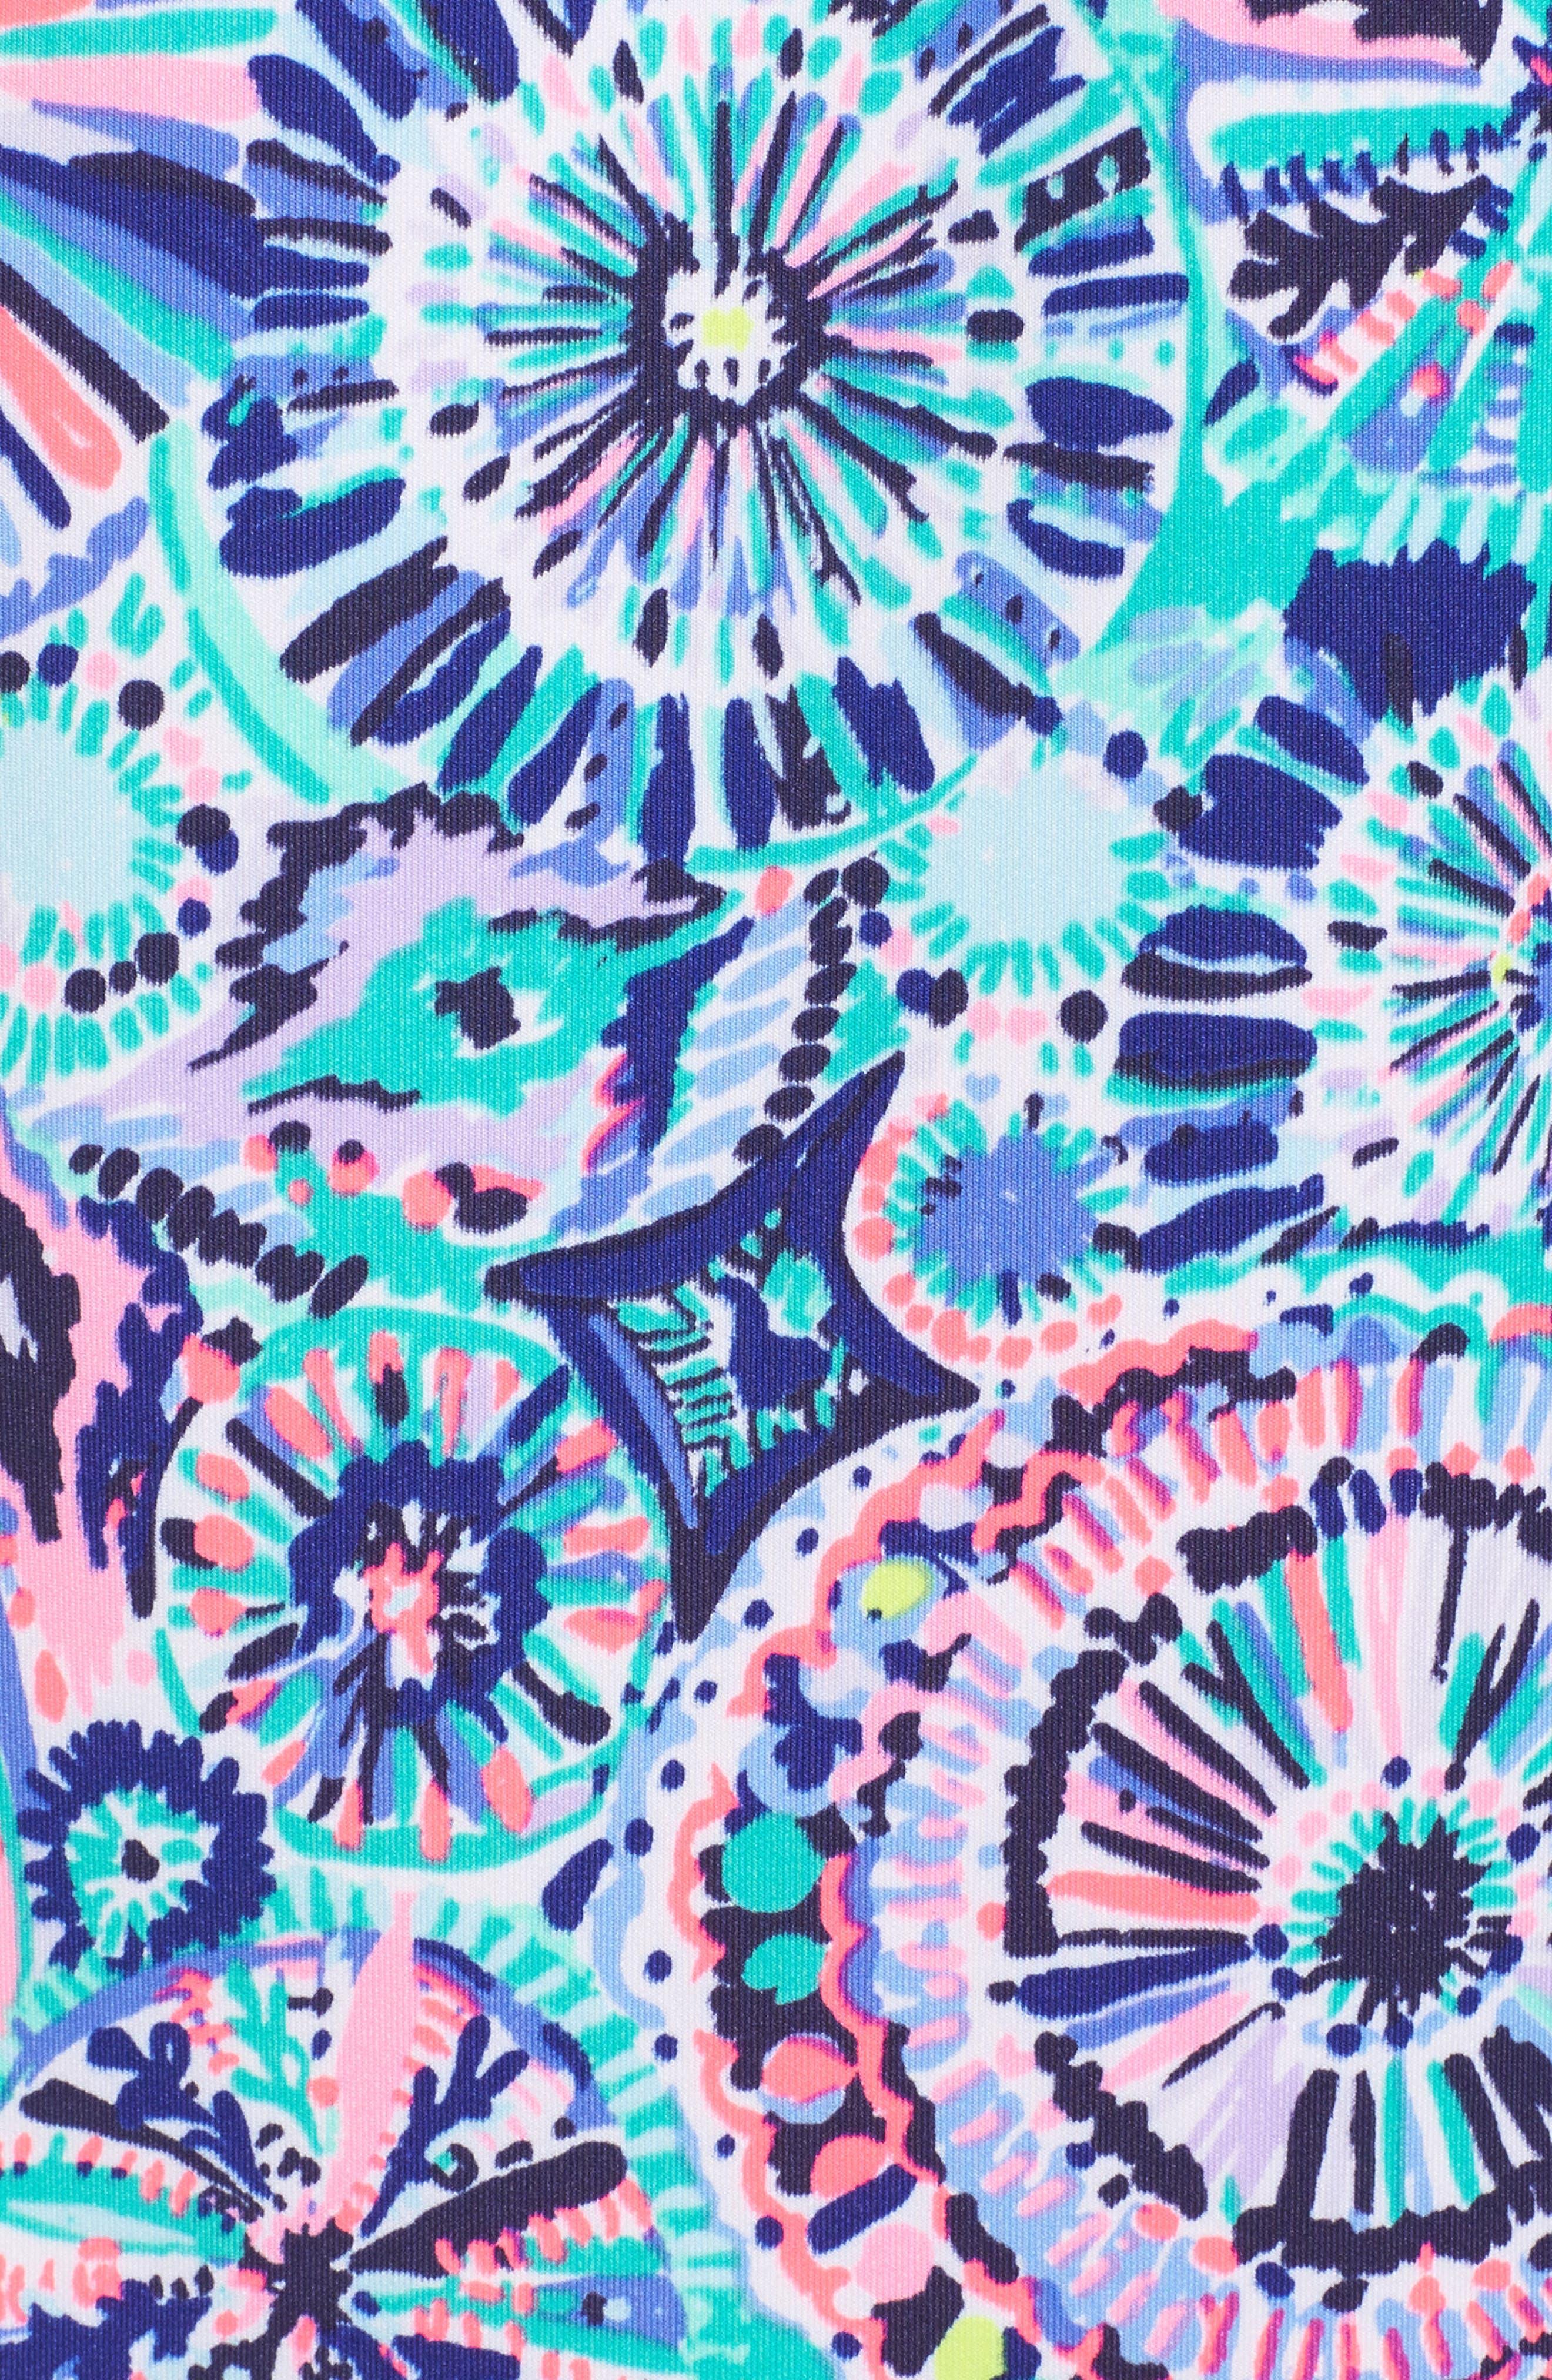 Opal Sheath Dress,                             Alternate thumbnail 5, color,                             Multi The Swim